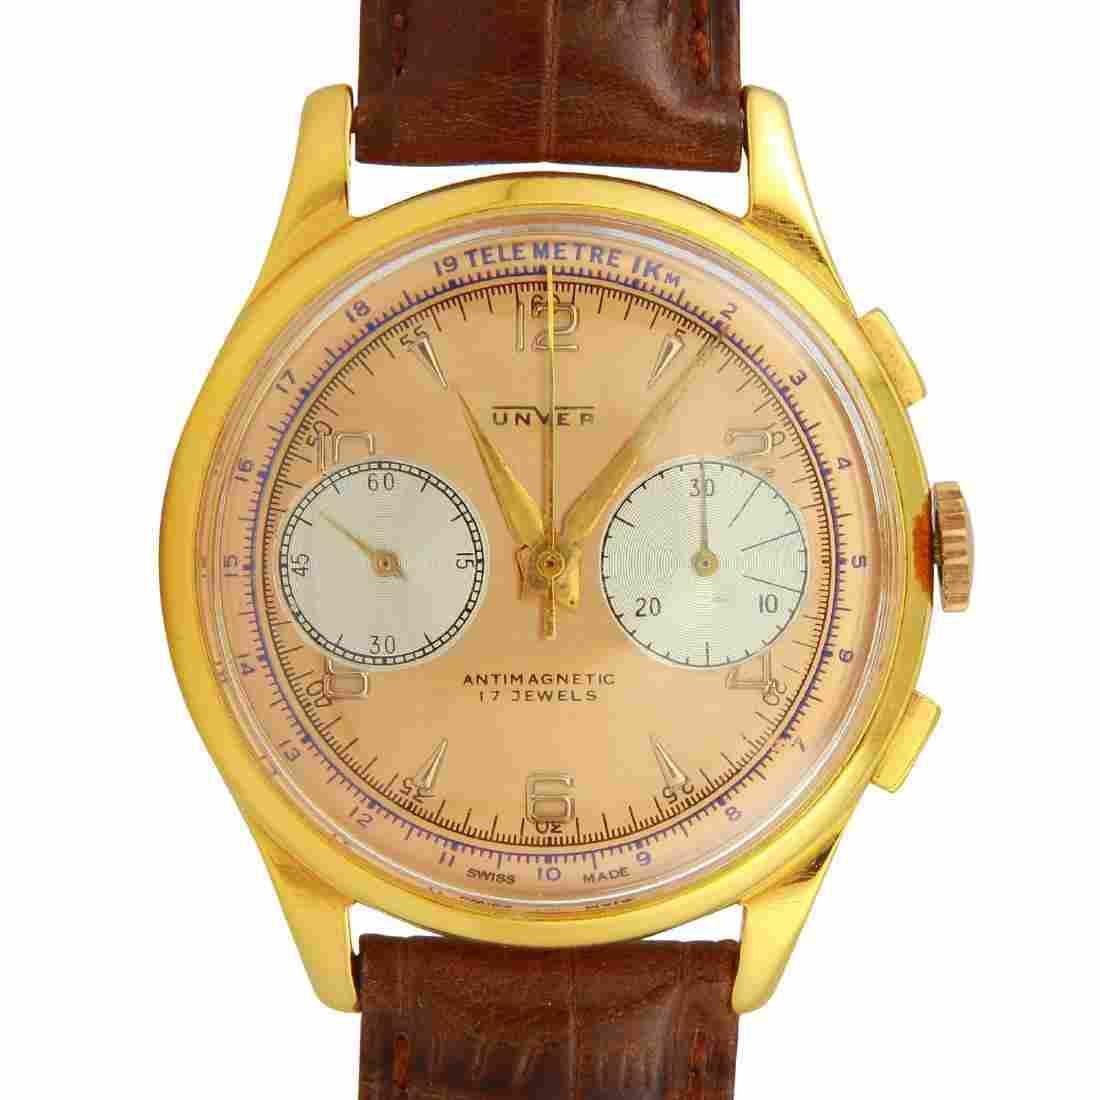 Vintage Unver Chronograph Argentian Air Forces Watch